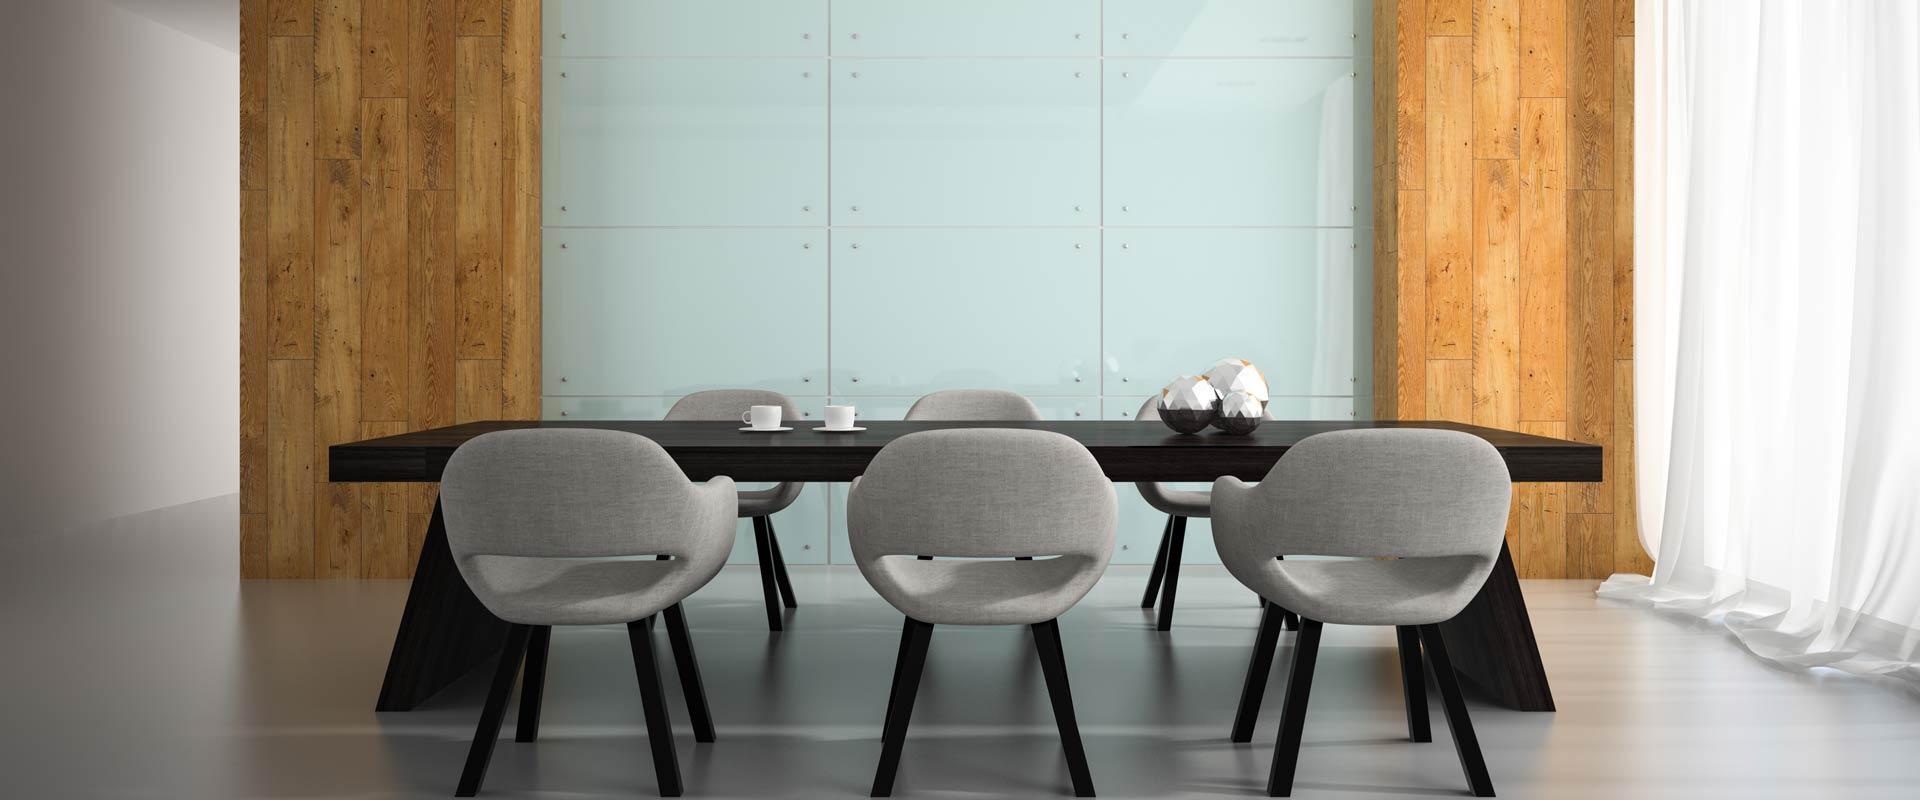 9 tips om bij een potentiële klant aan tafel te komen